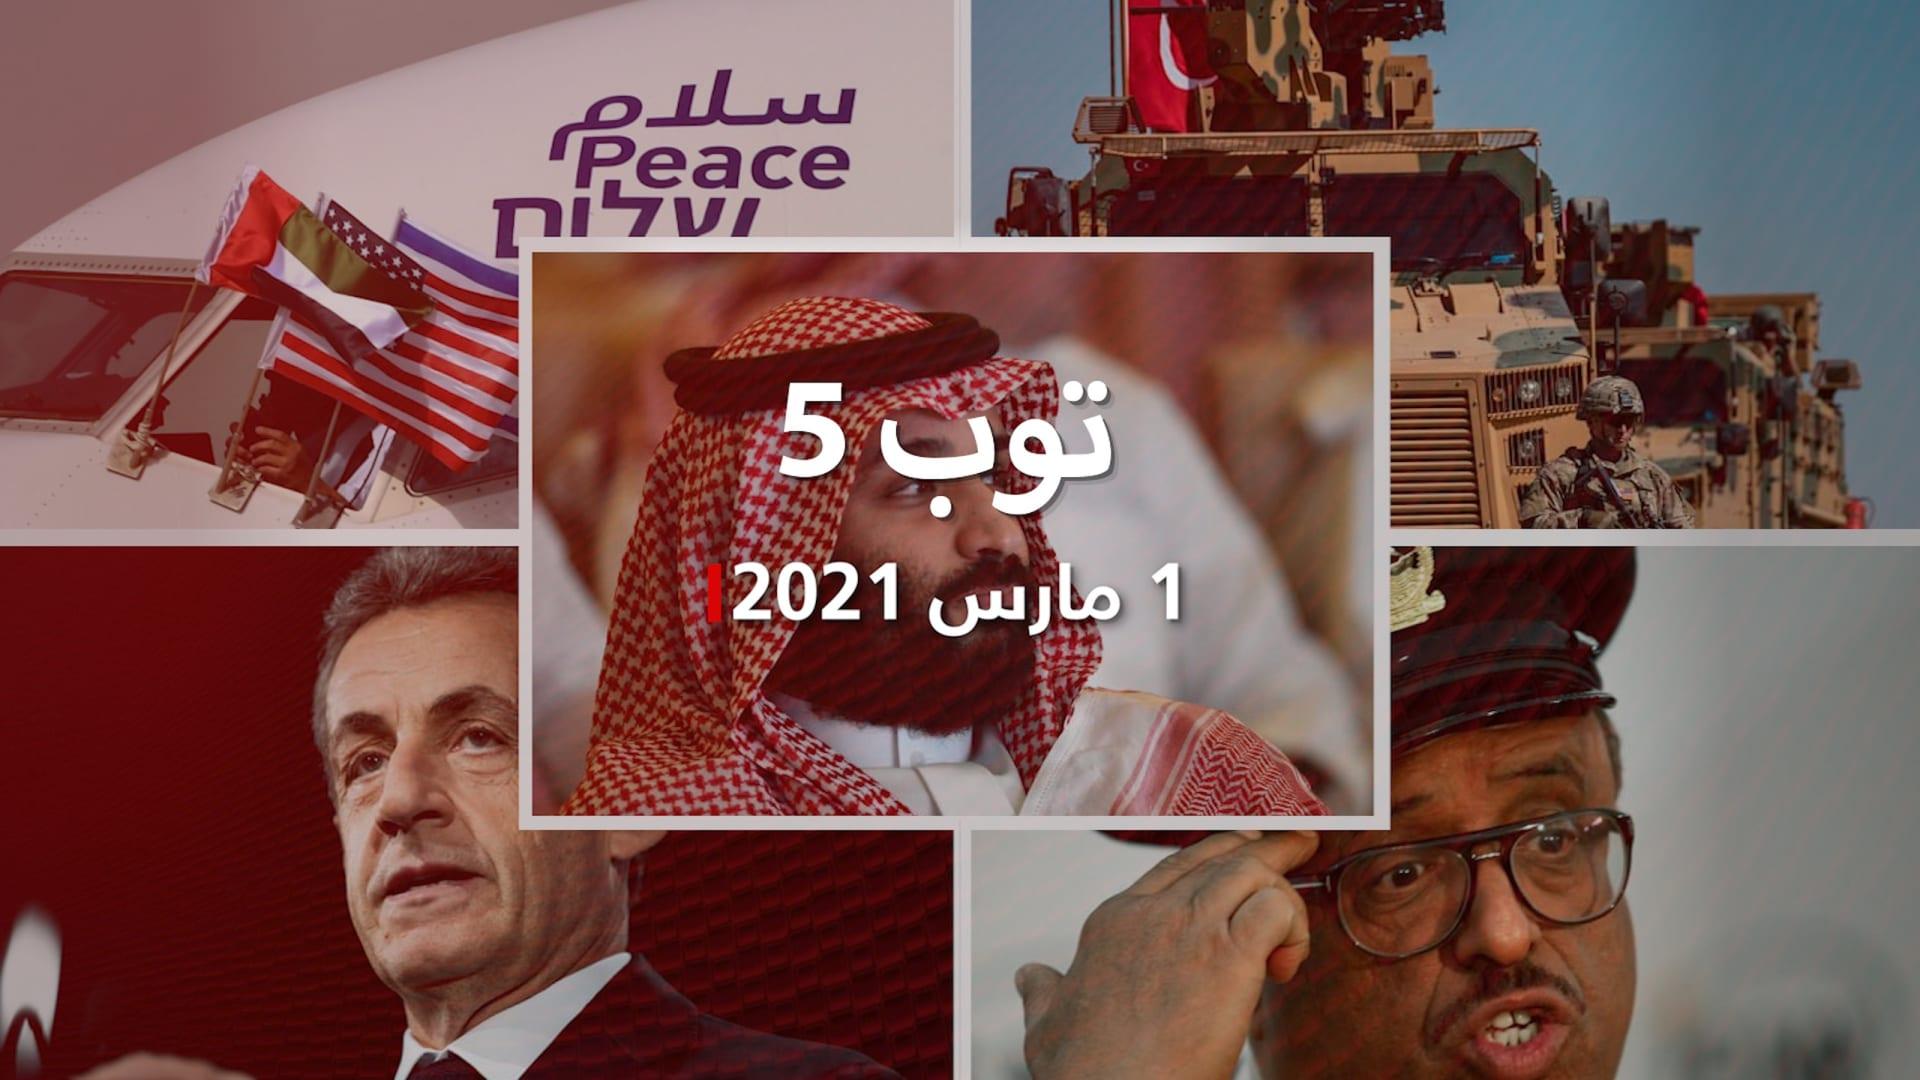 توب 5.. خديجة جنكيز تدعو لمعاقبة محمد بن سلمان.. والحكم بالسجن على ساركوزي